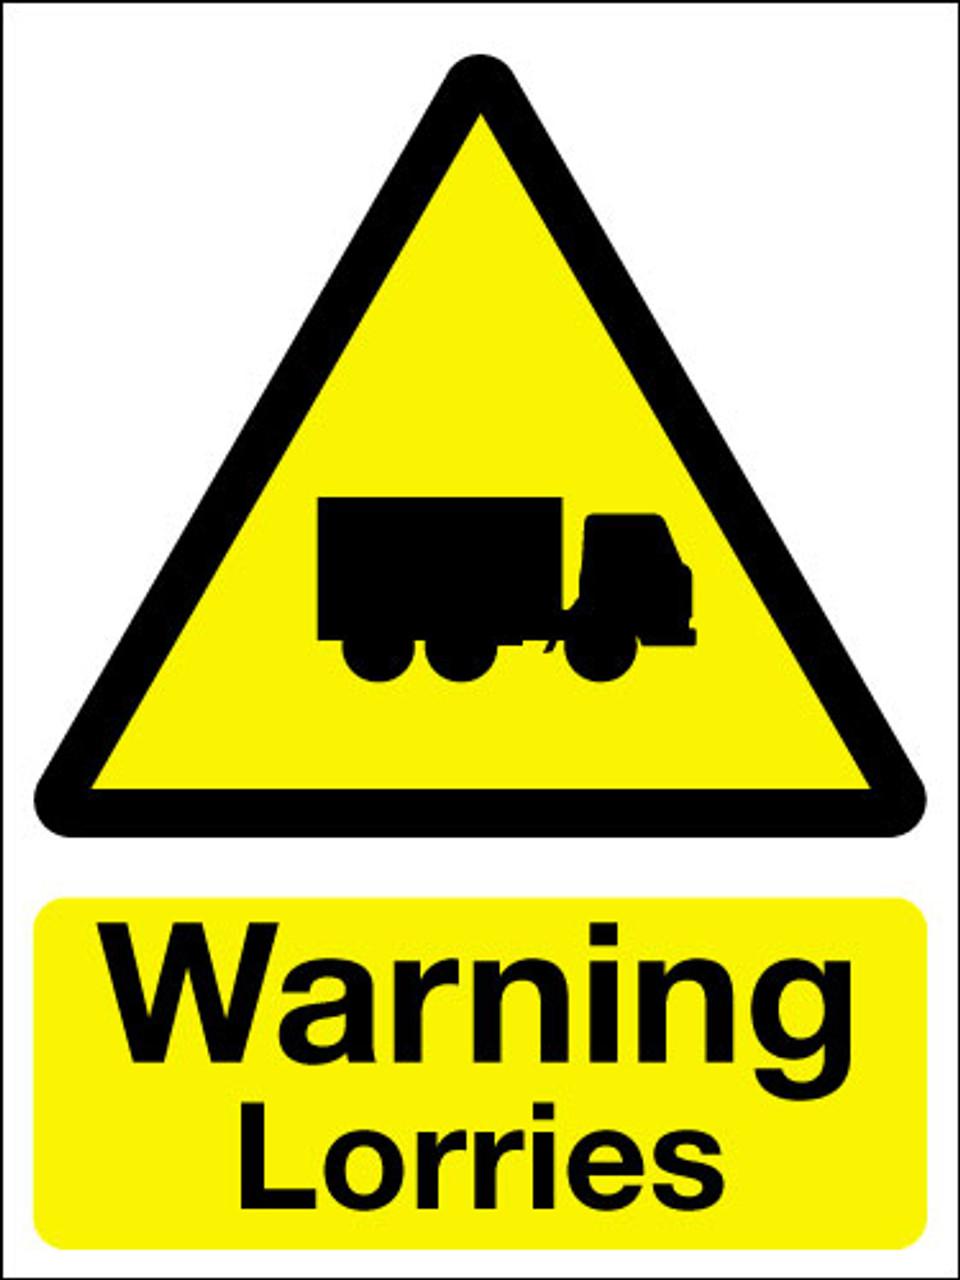 Warning lorries sign